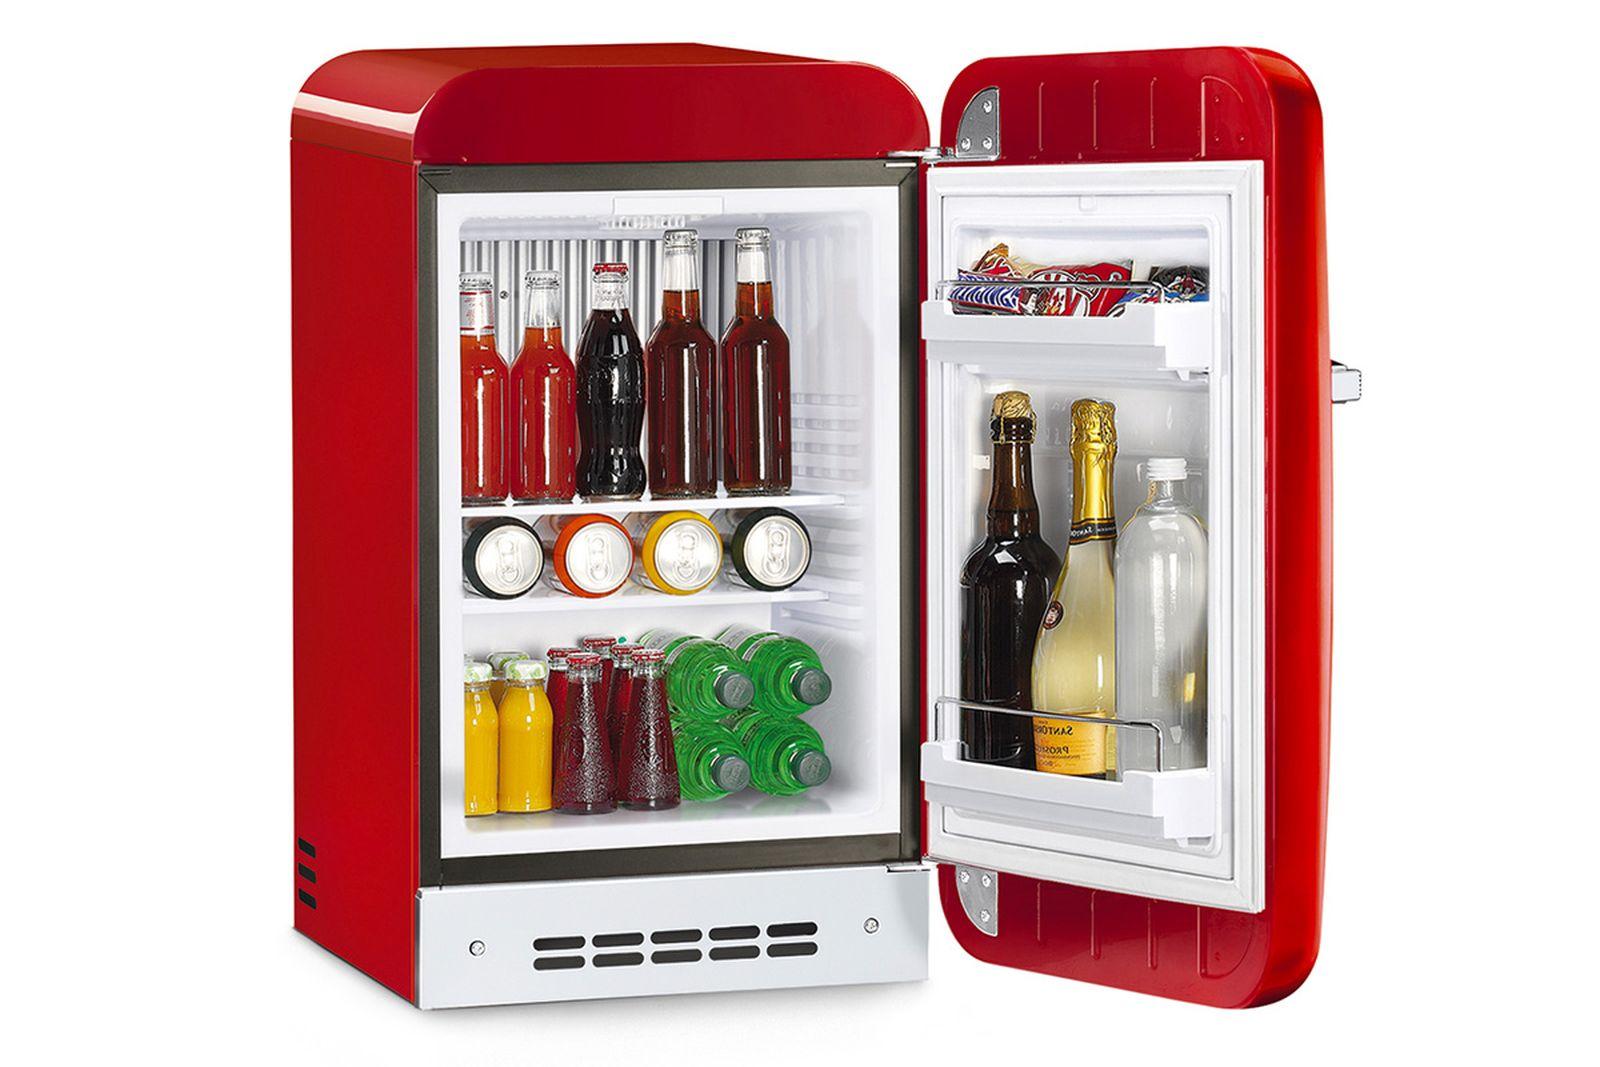 supreme-smeg-fridge-01